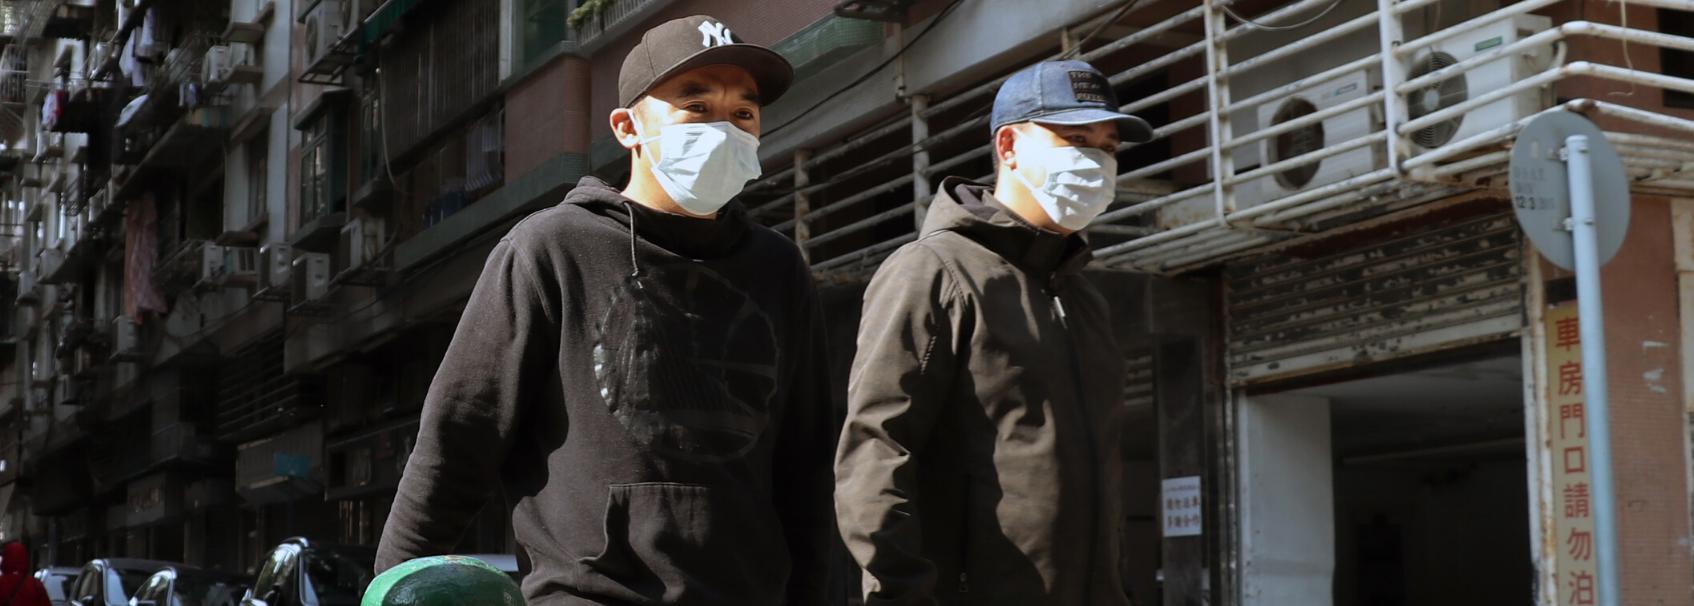 Diferencias entre el coronavirus y el ébola: ¿Cual ha sido más peligroso?